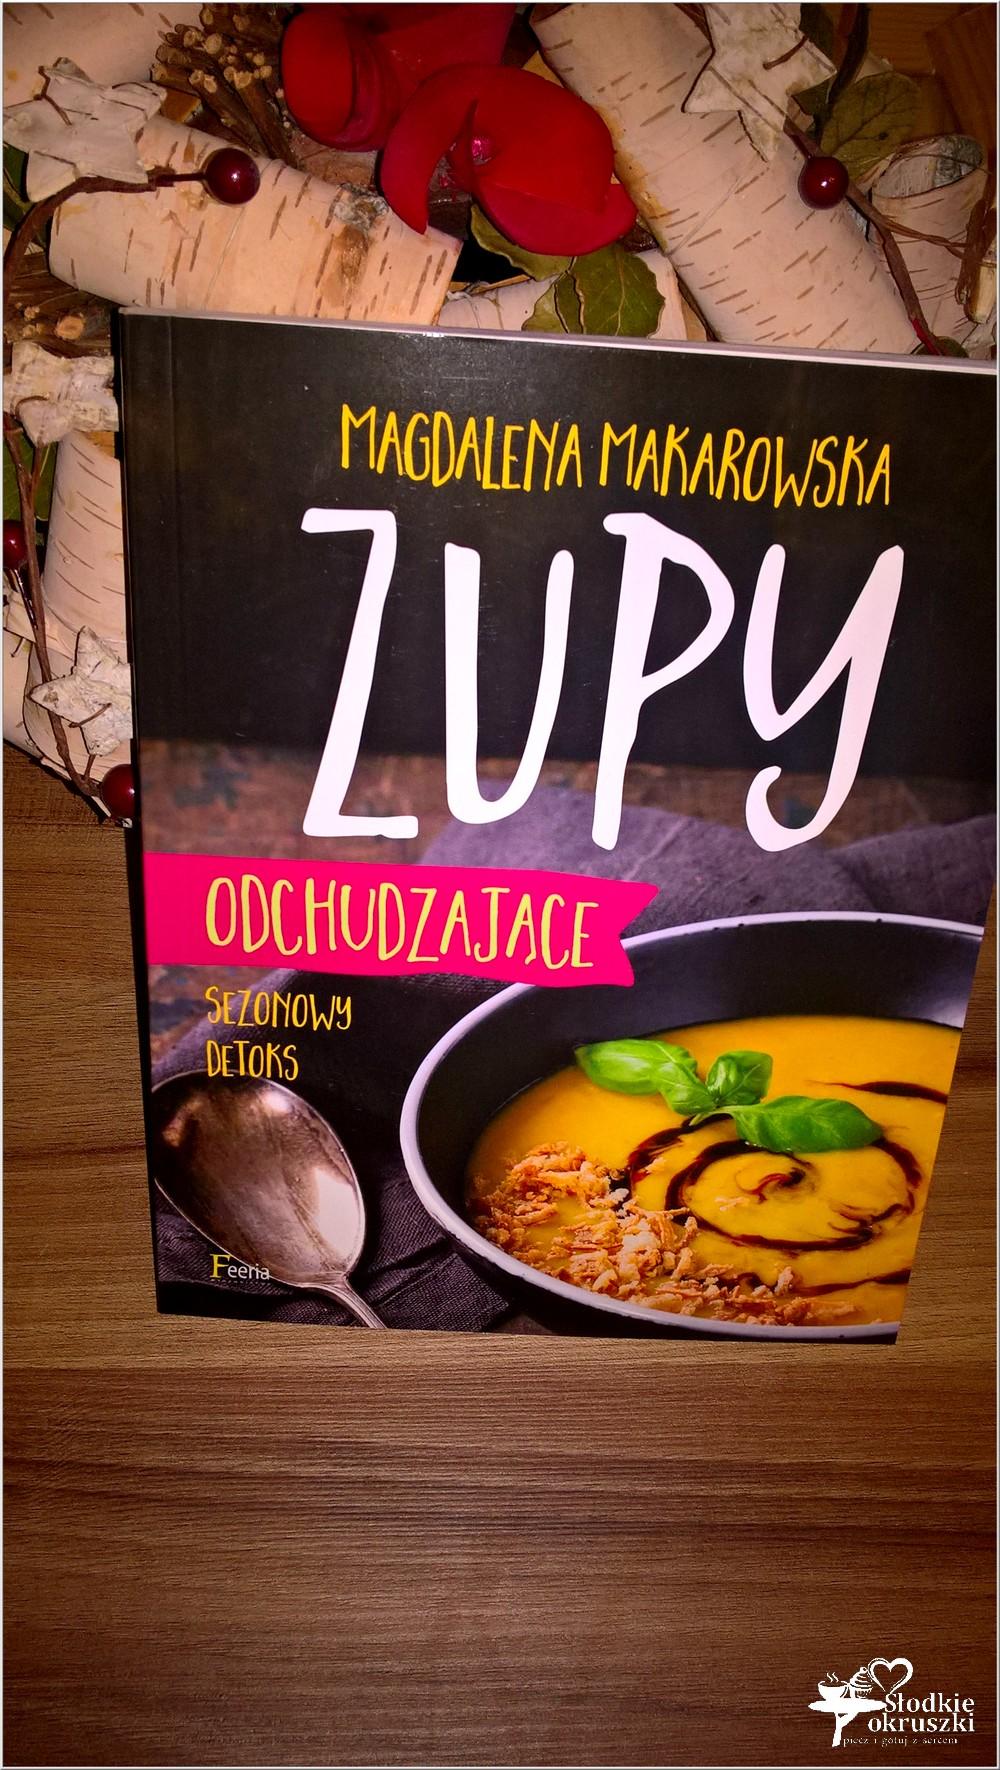 zupy-odchudzajace-sezonowy-detoks-recenzja-1